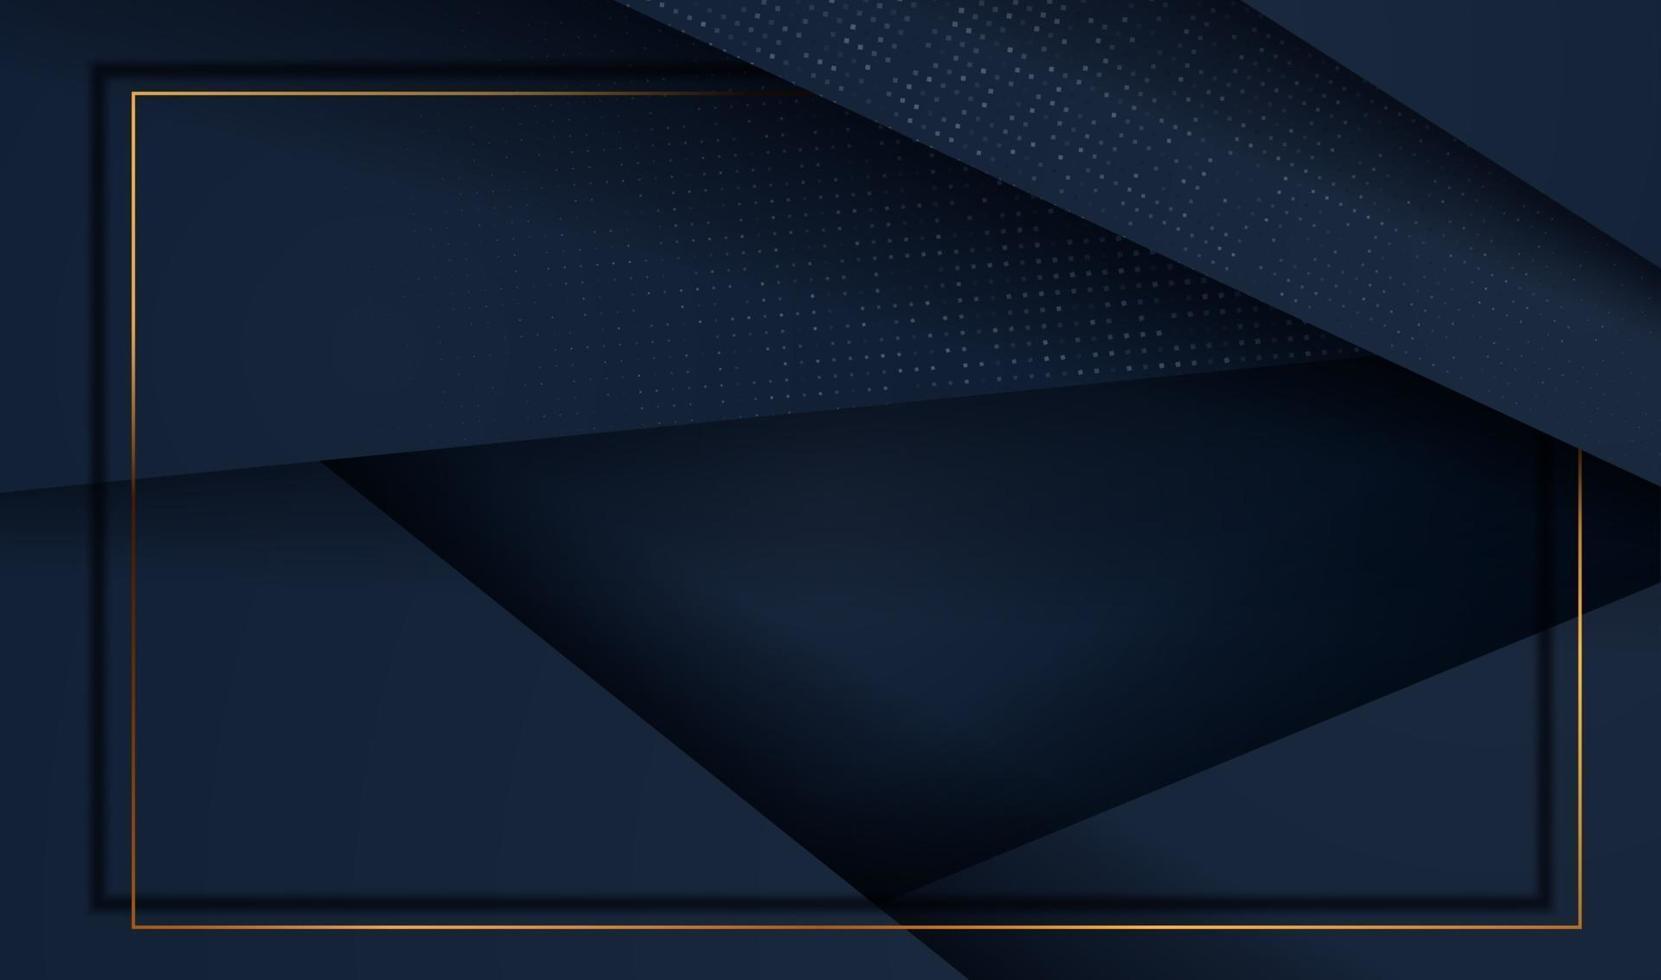 Papierschnitt Luxus Gold Hintergrund mit Metall Textur 3D abstrakt, für Geschenkkarte, Poster auf Wand Poster Vorlage, Landing Page, UI, UX, Cover Book, Banner, vektor